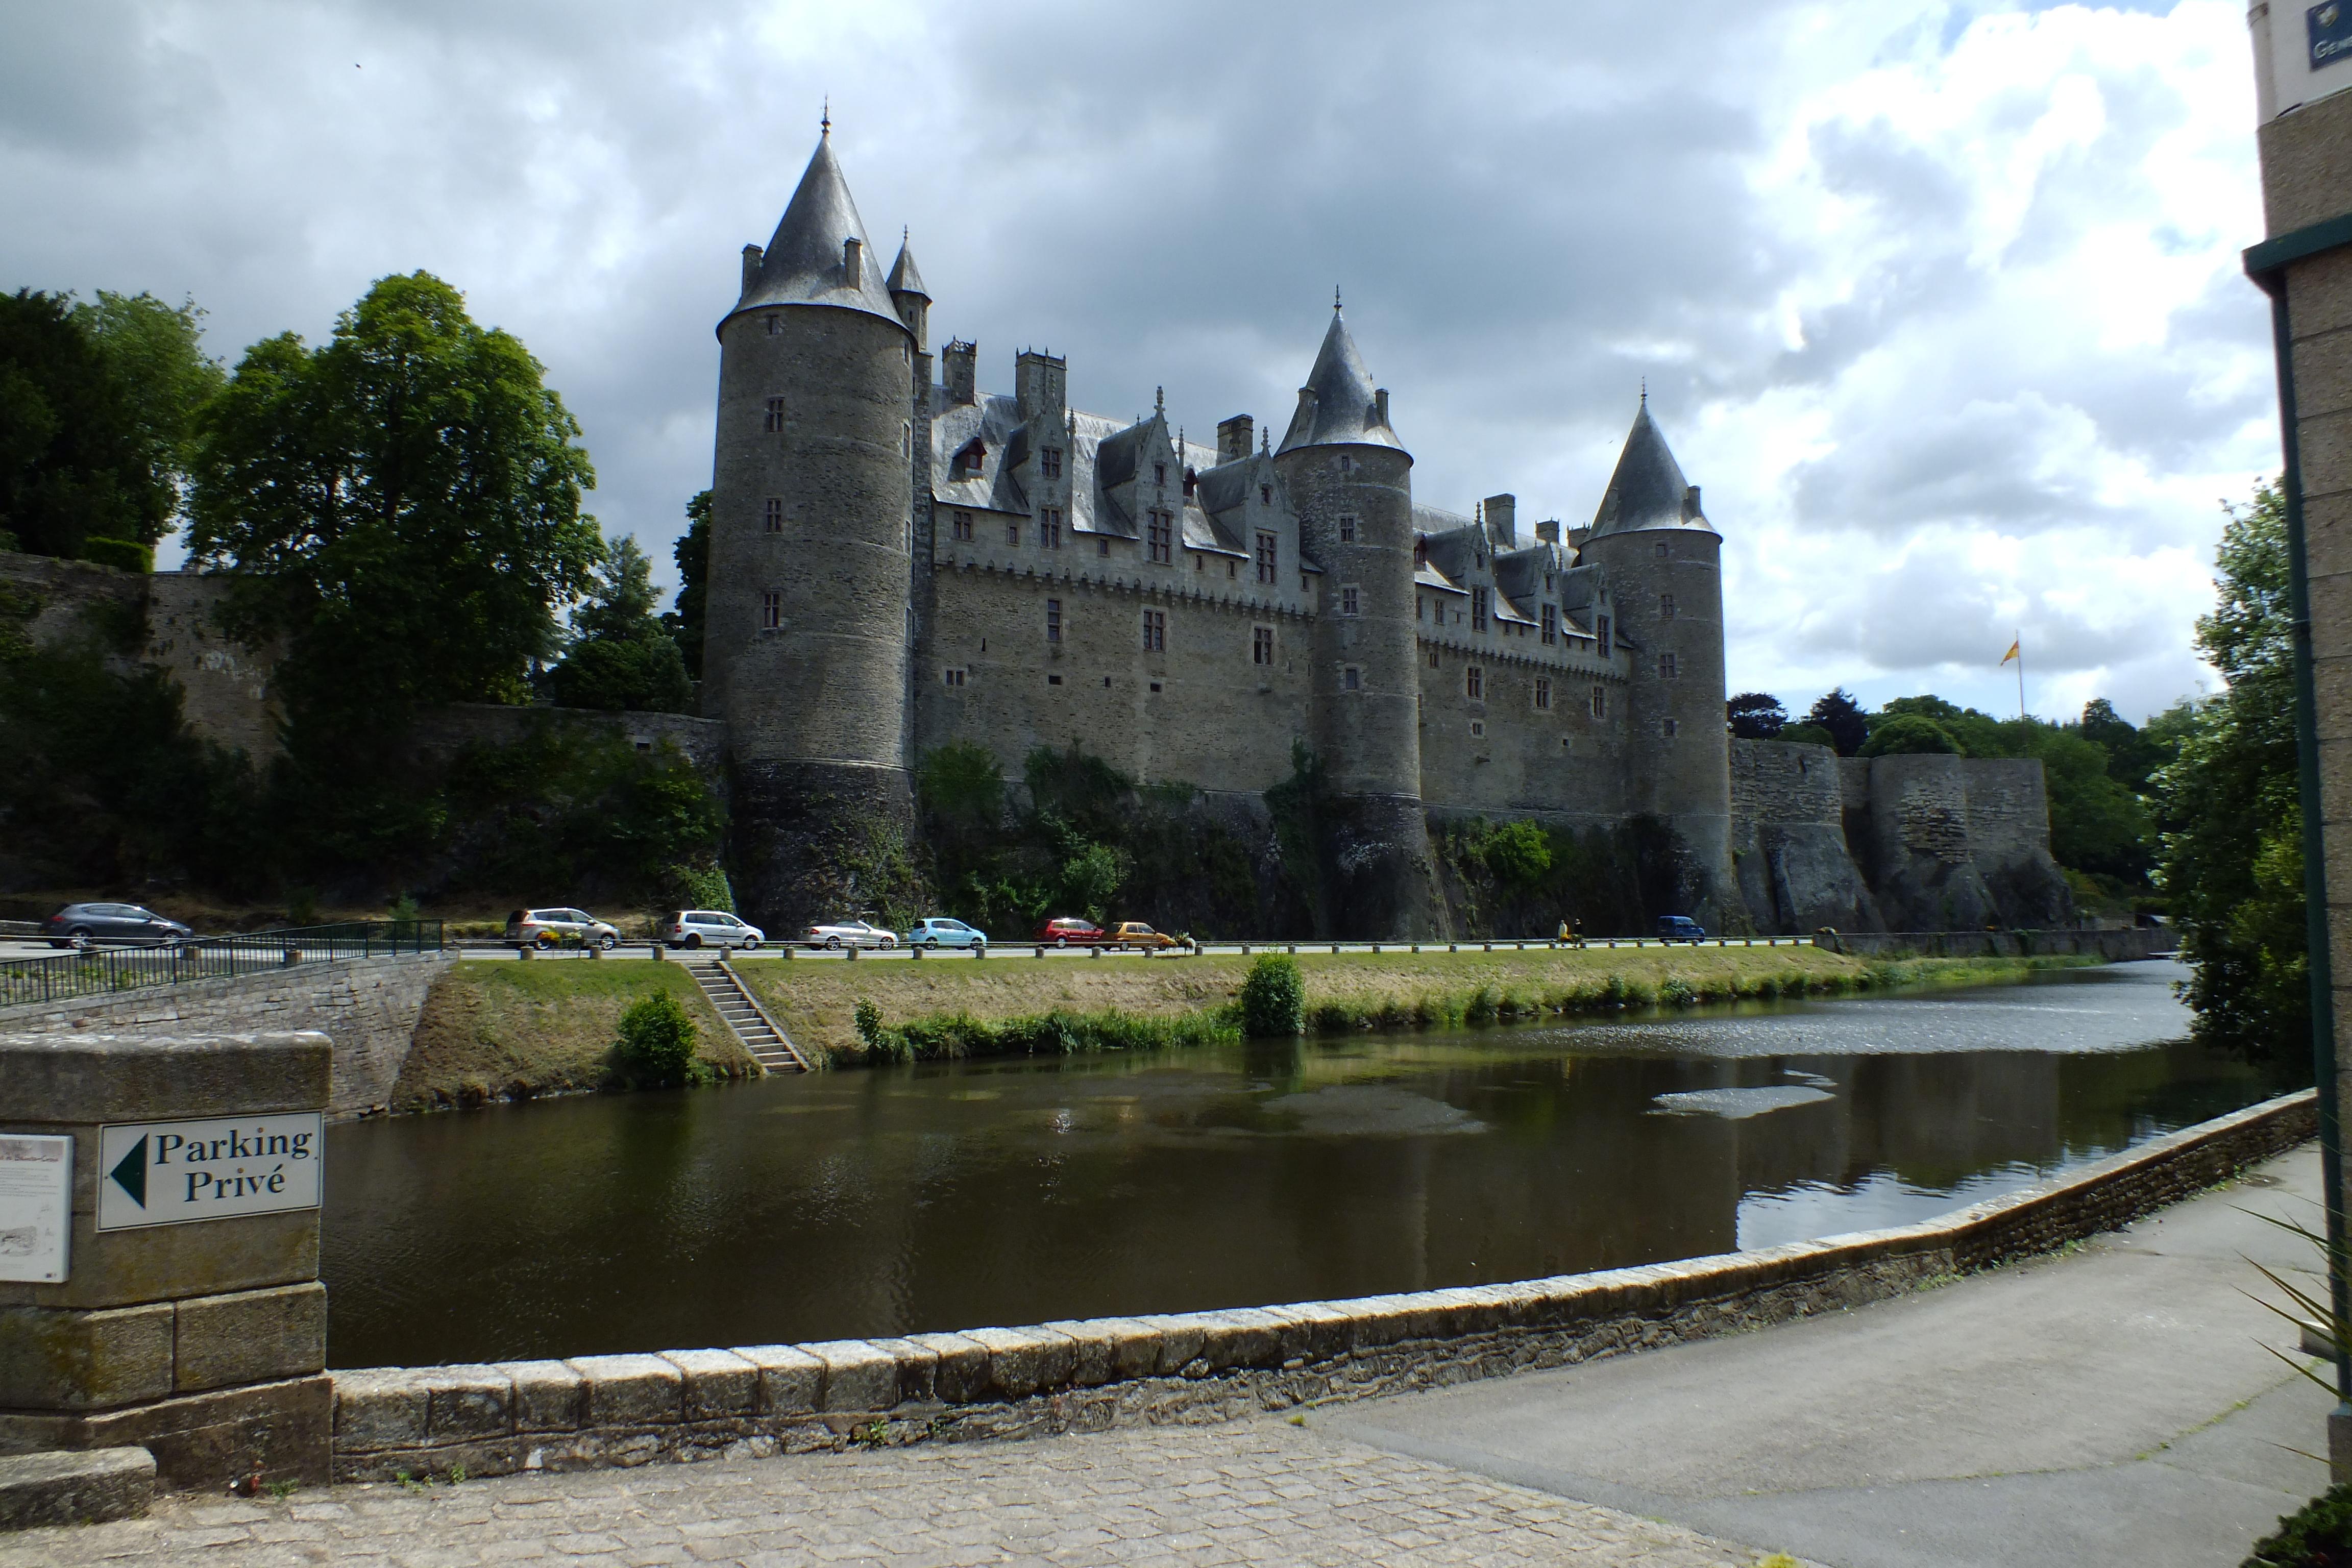 Castle, HQ Photo